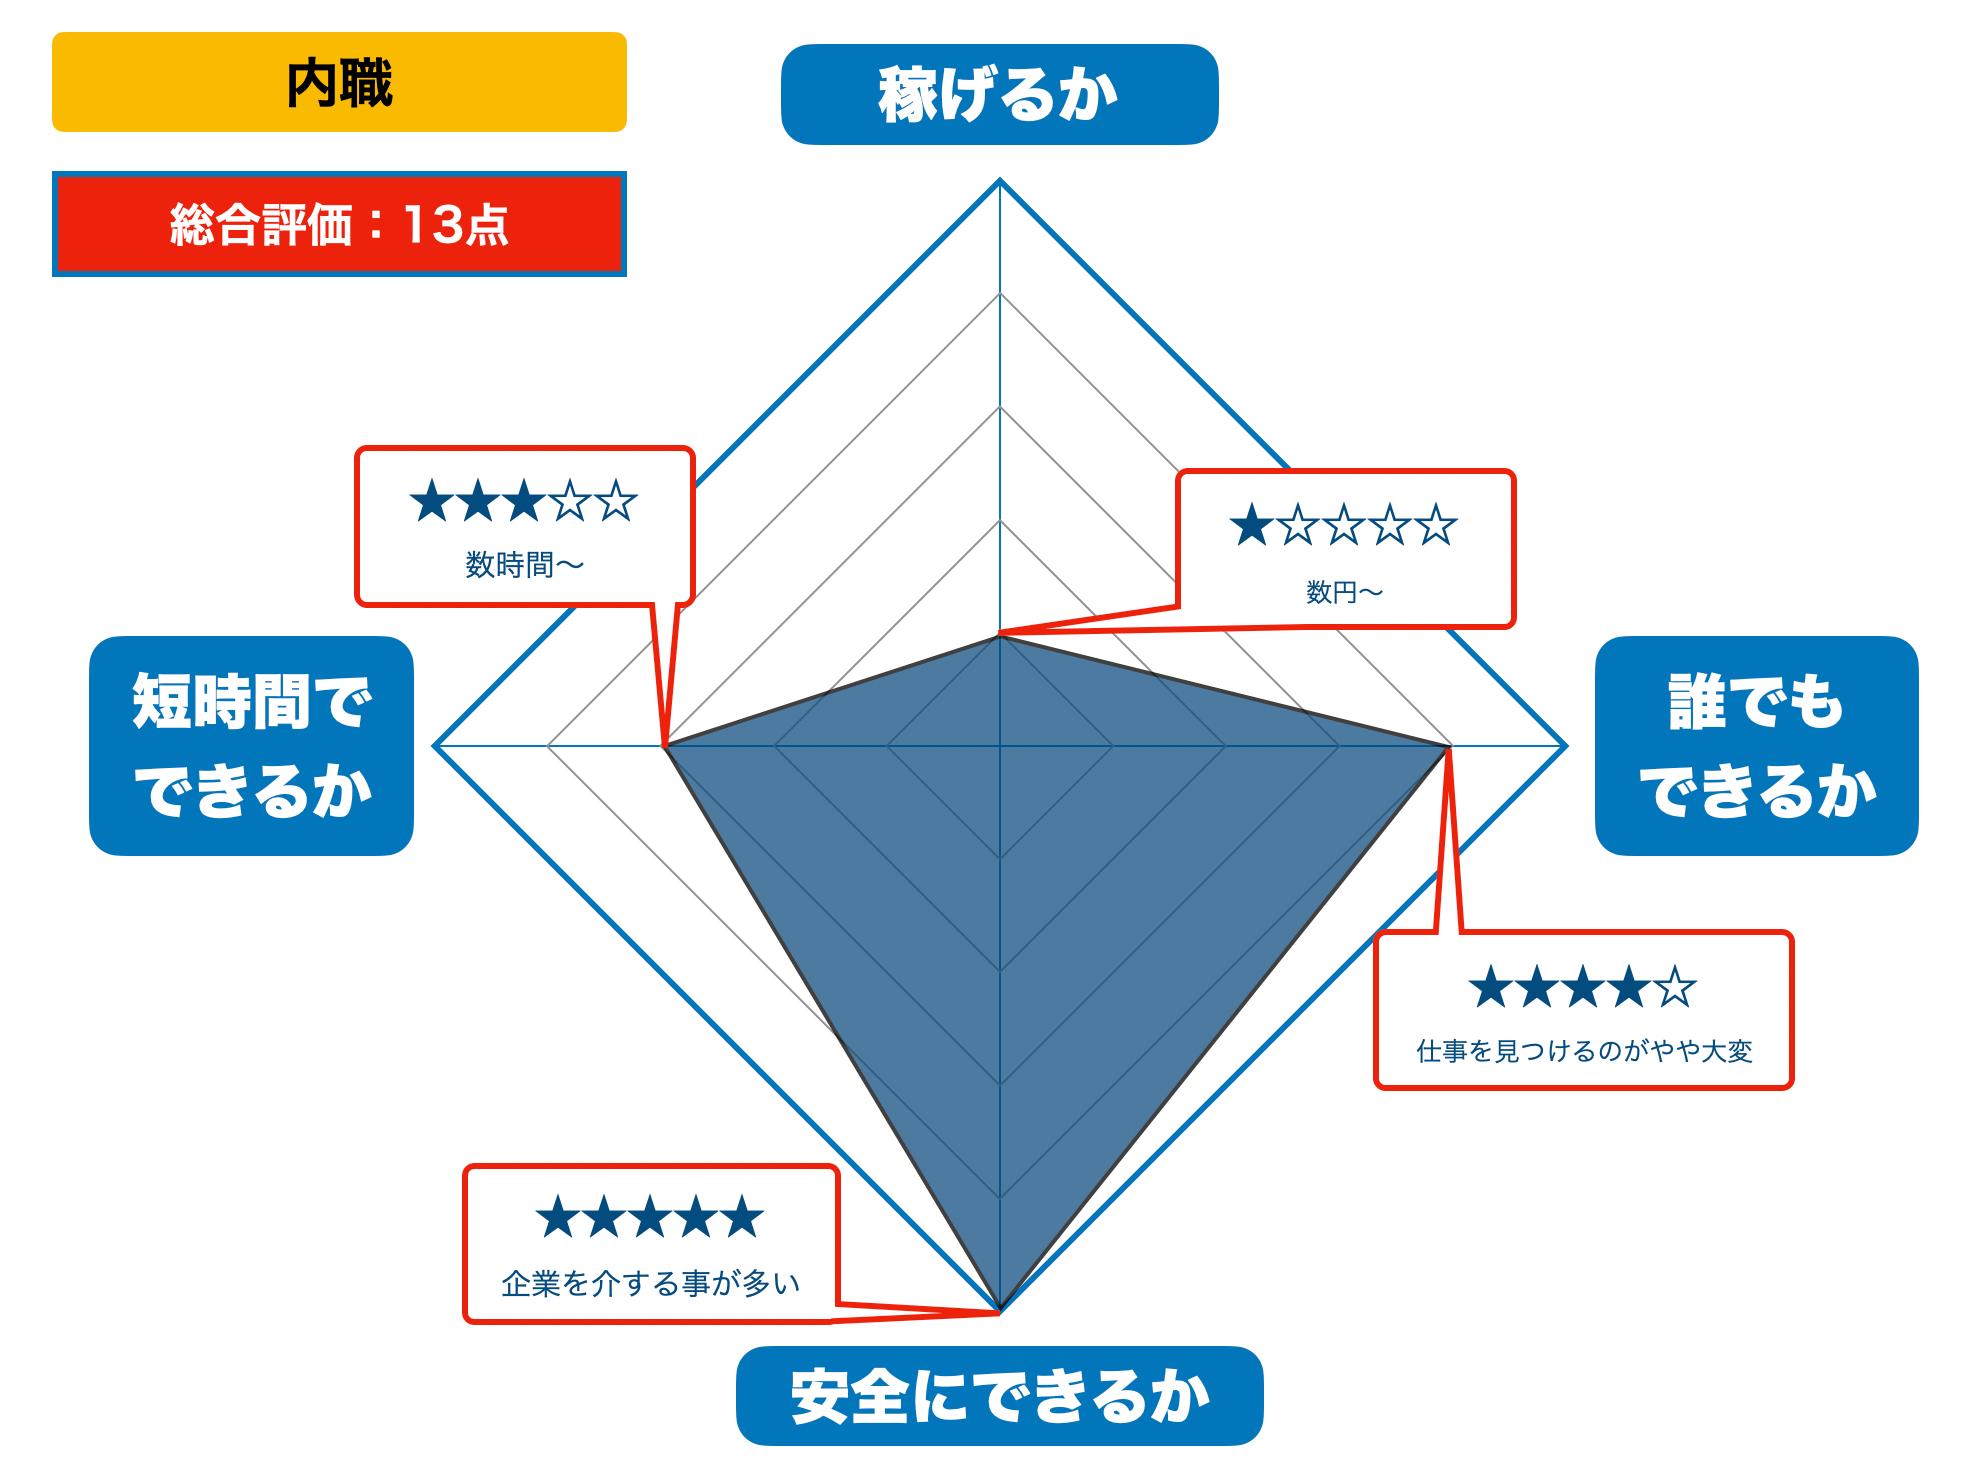 内職の評価(2021年版)